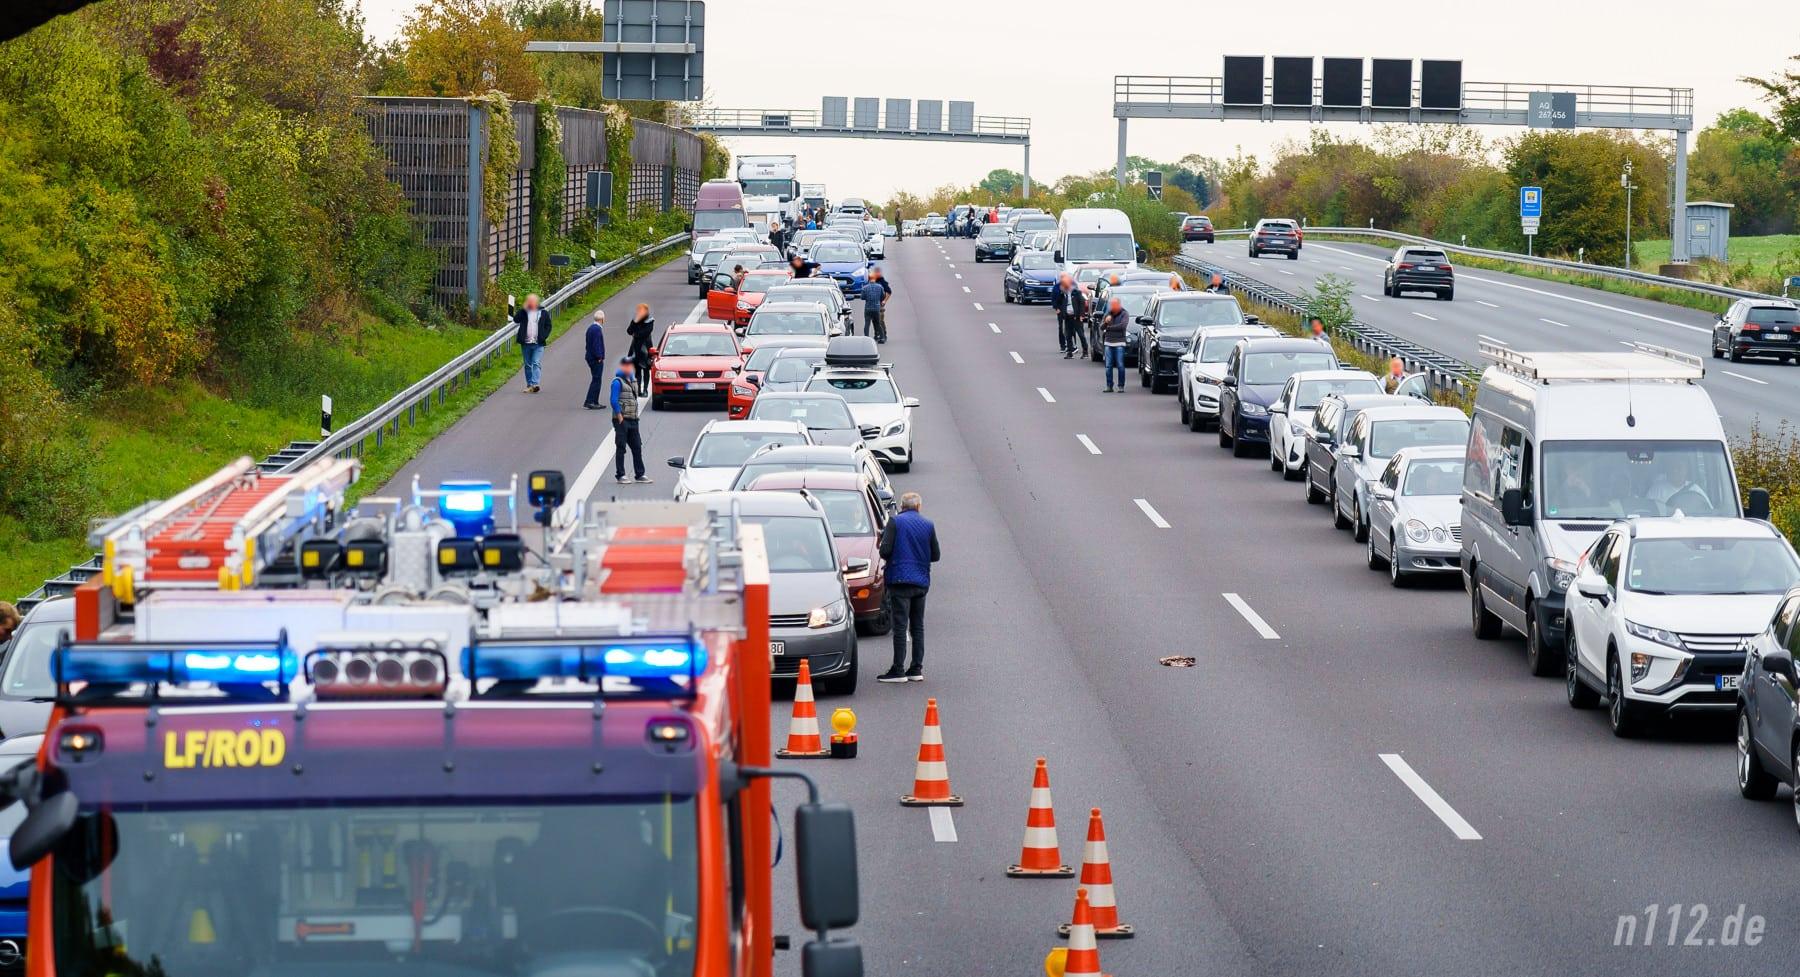 Autofahrer haben eine Rettungsgasse gebildet und warten auf ihre Weiterfahrt (Foto: n112.de/Stefan Simonsen)